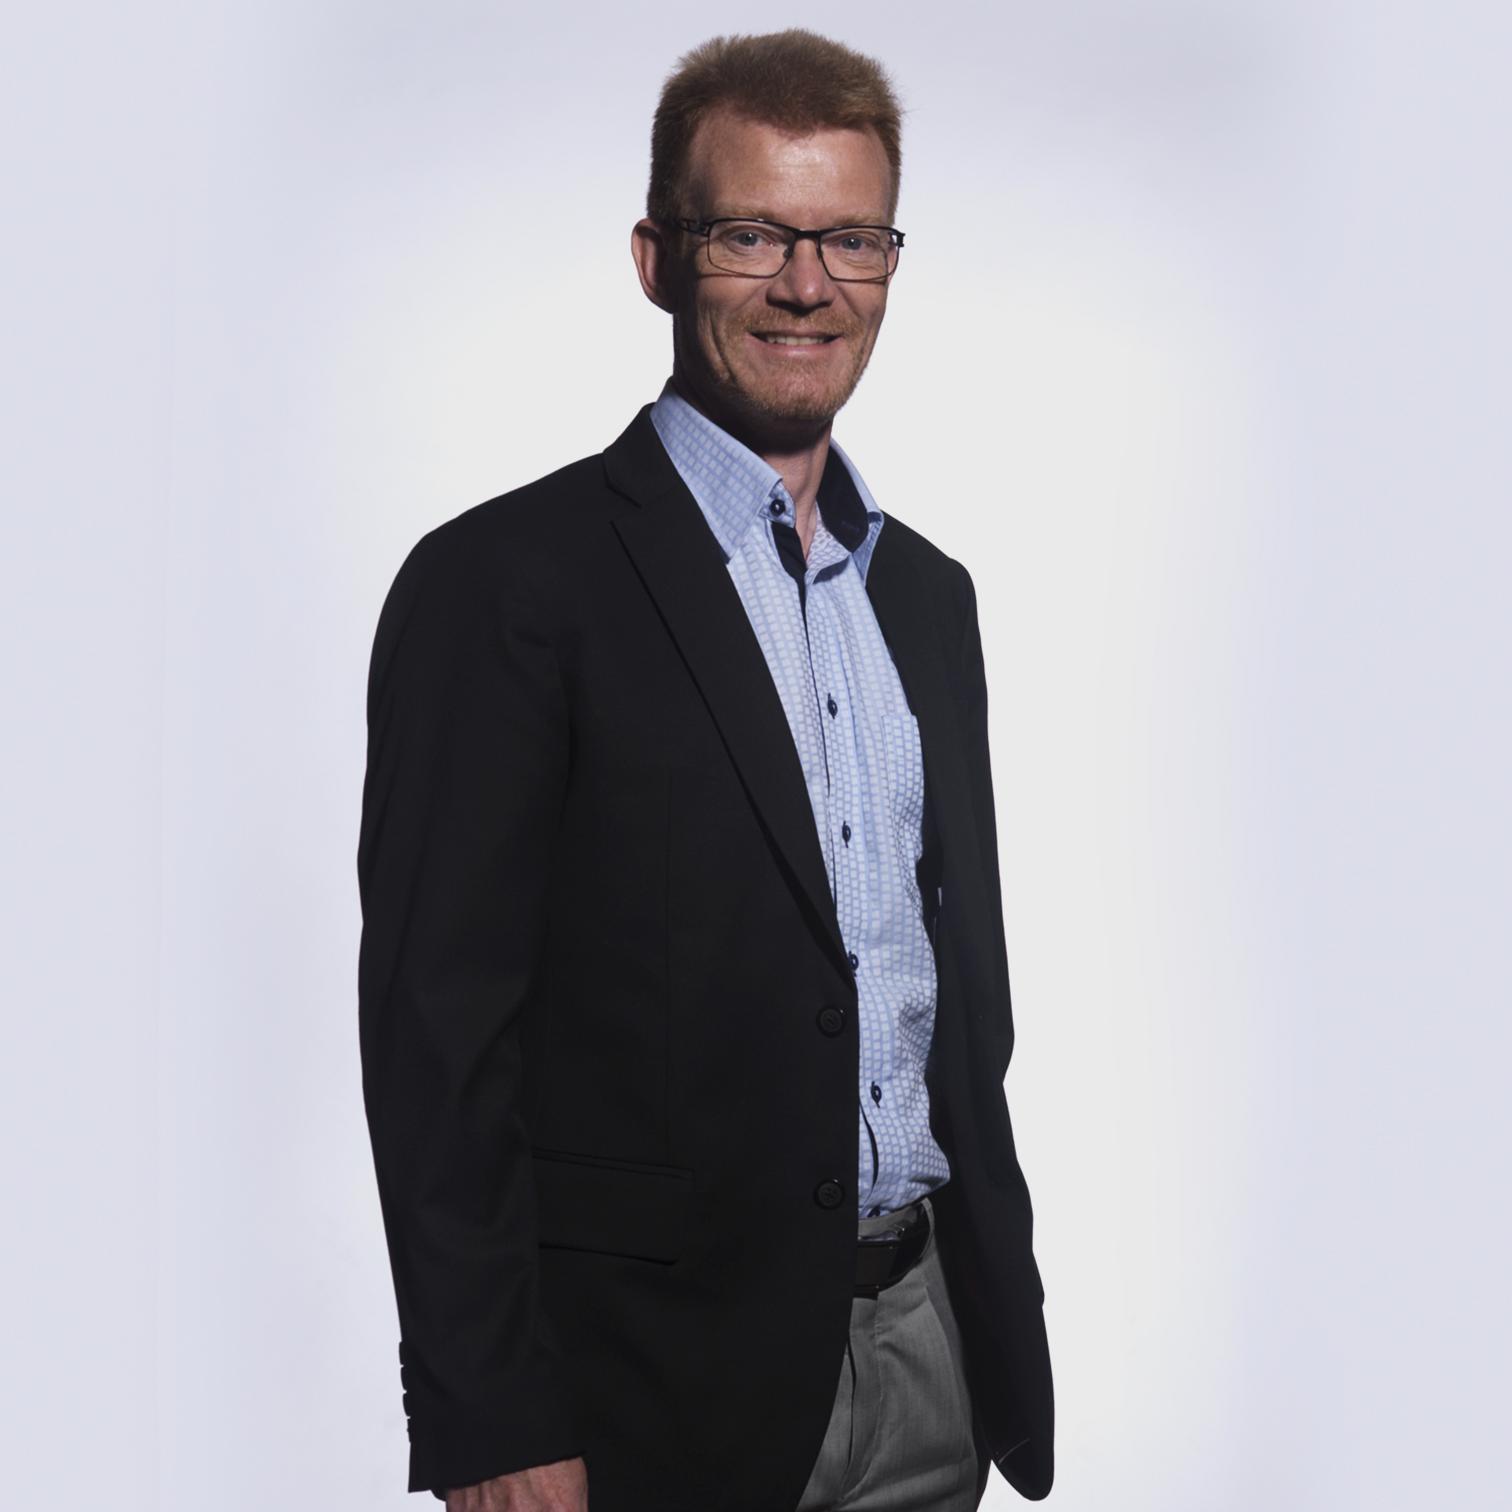 Jeppe Vang Madsen